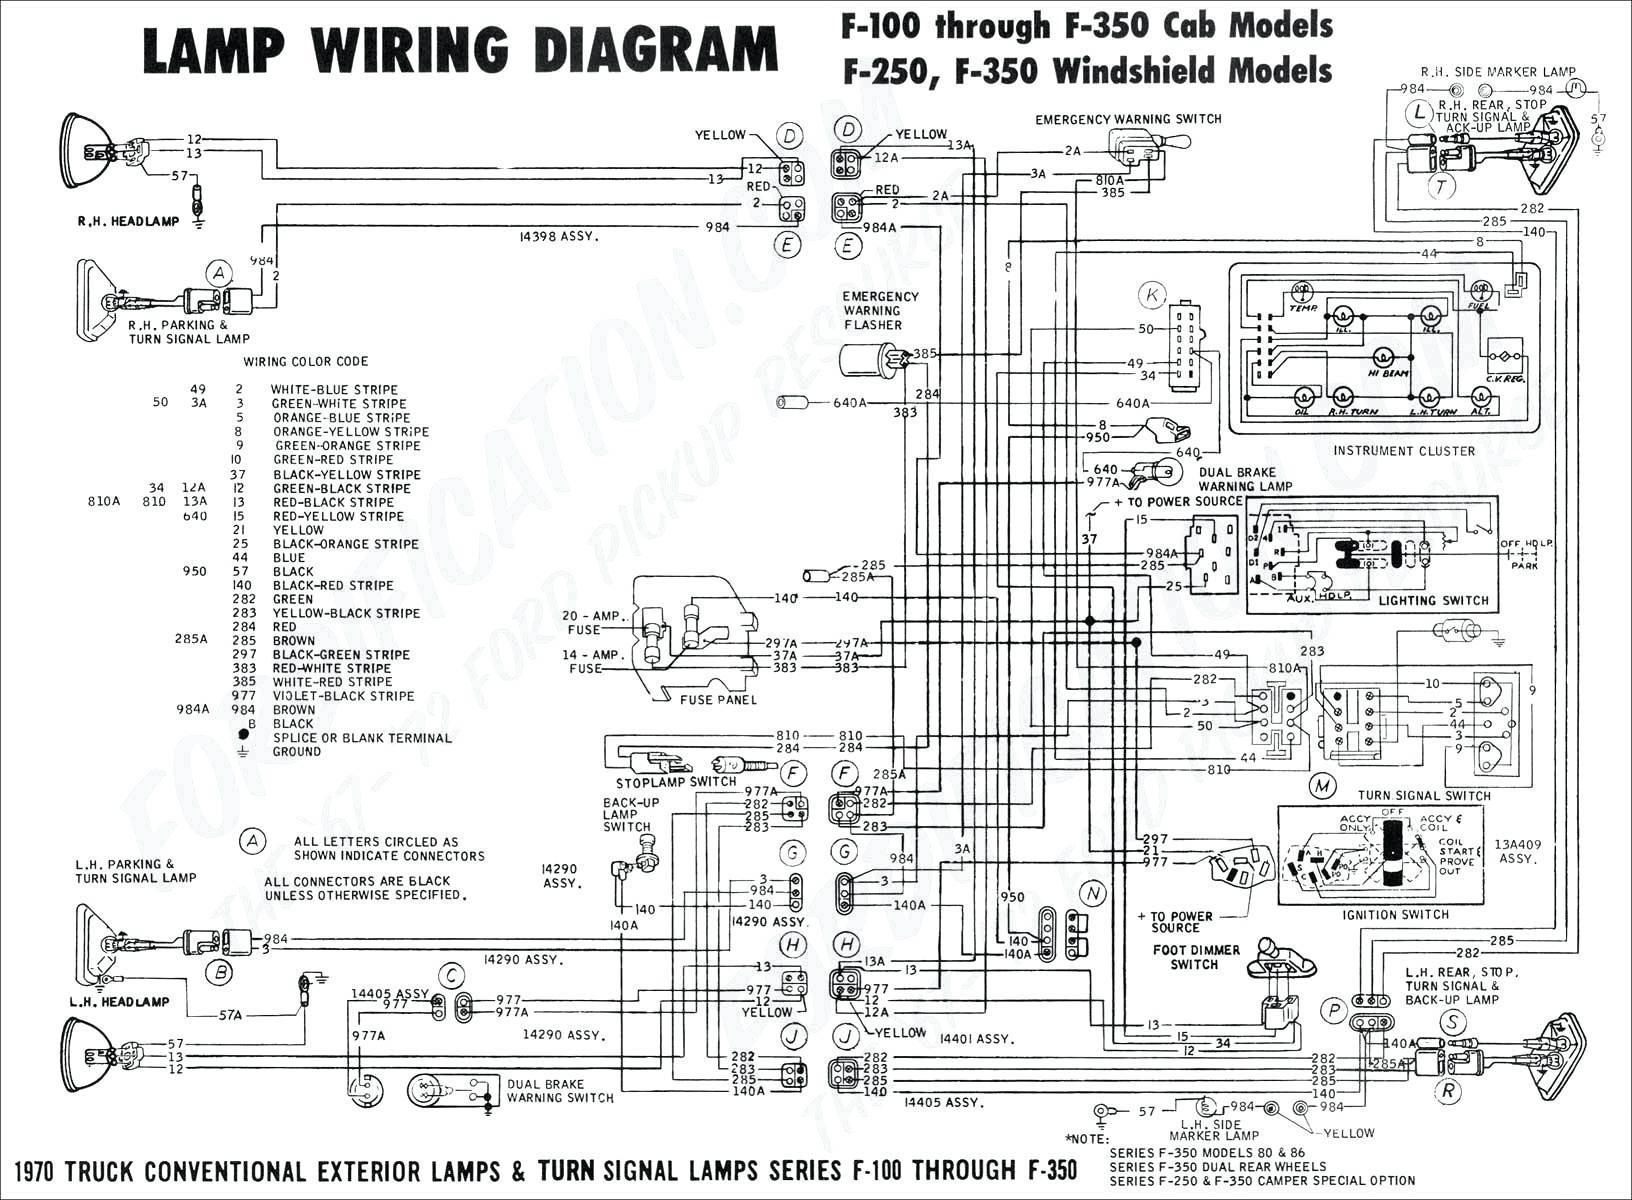 2 Wire Alternator Wiring Diagram Mitsubishi. Mitsubishi